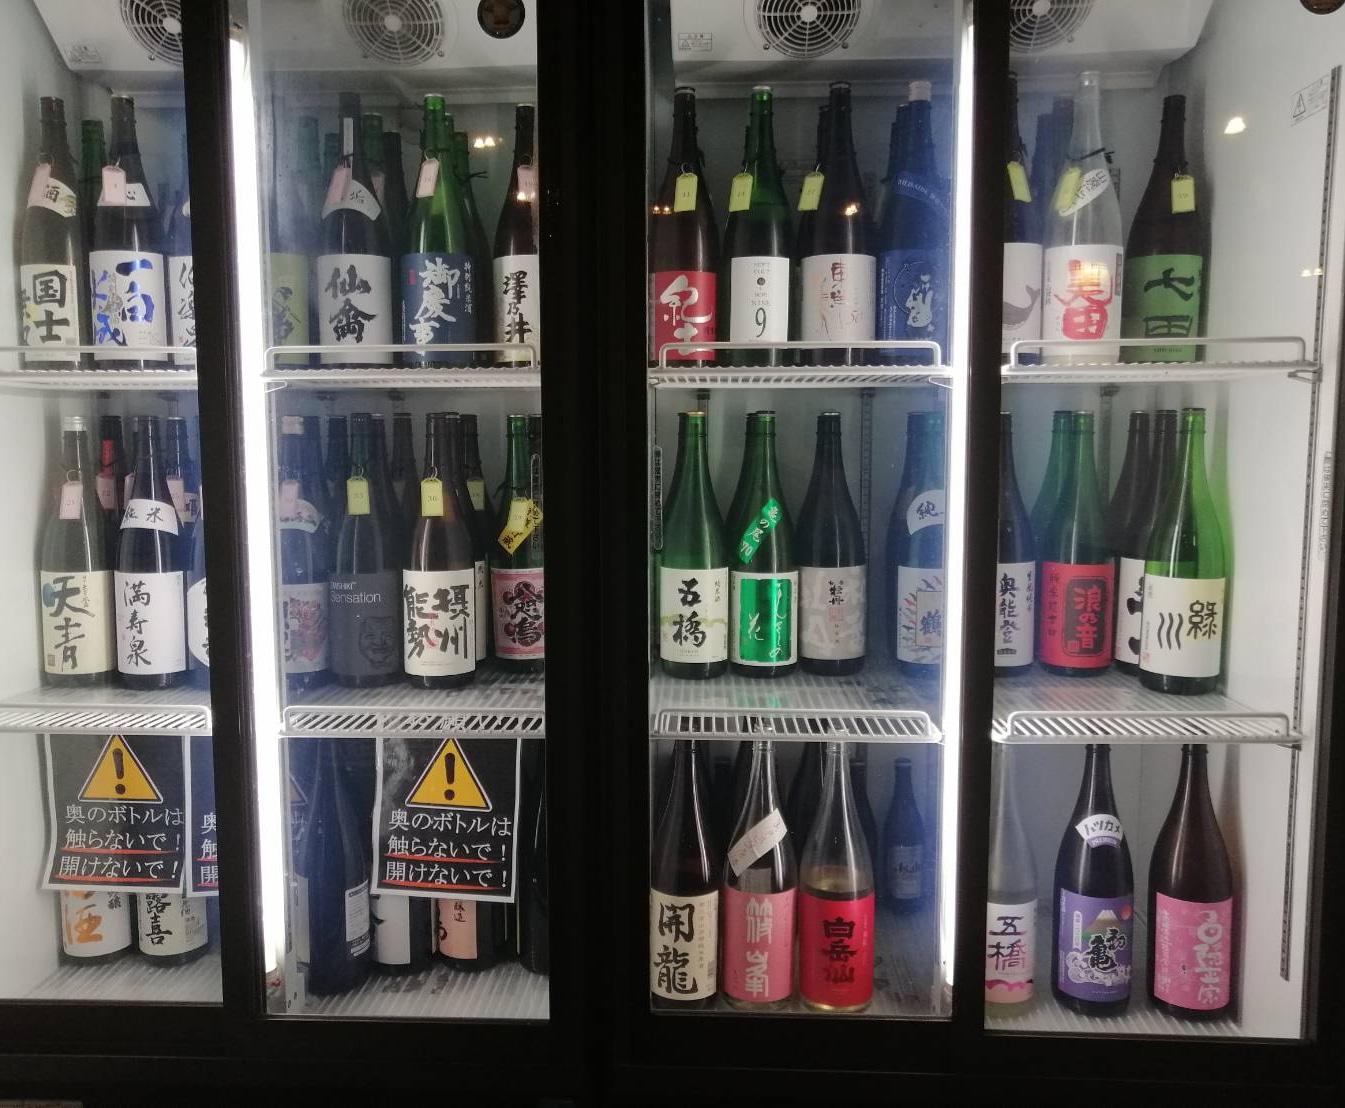 ついに、金曜なのに、ご来店ゼロの日が来てしまいました…<br><br>【日本酒100種以上が無制限飲み放題】のイメージが強いからでしょうか…それとも…うぅ…<br><br>「まだ行けないなー」という方、どうか「いいね&リツイート」で拡散いただけませんか…<br><br>来てくださる日まで、閉店せずにいたいです…ギリギリです…